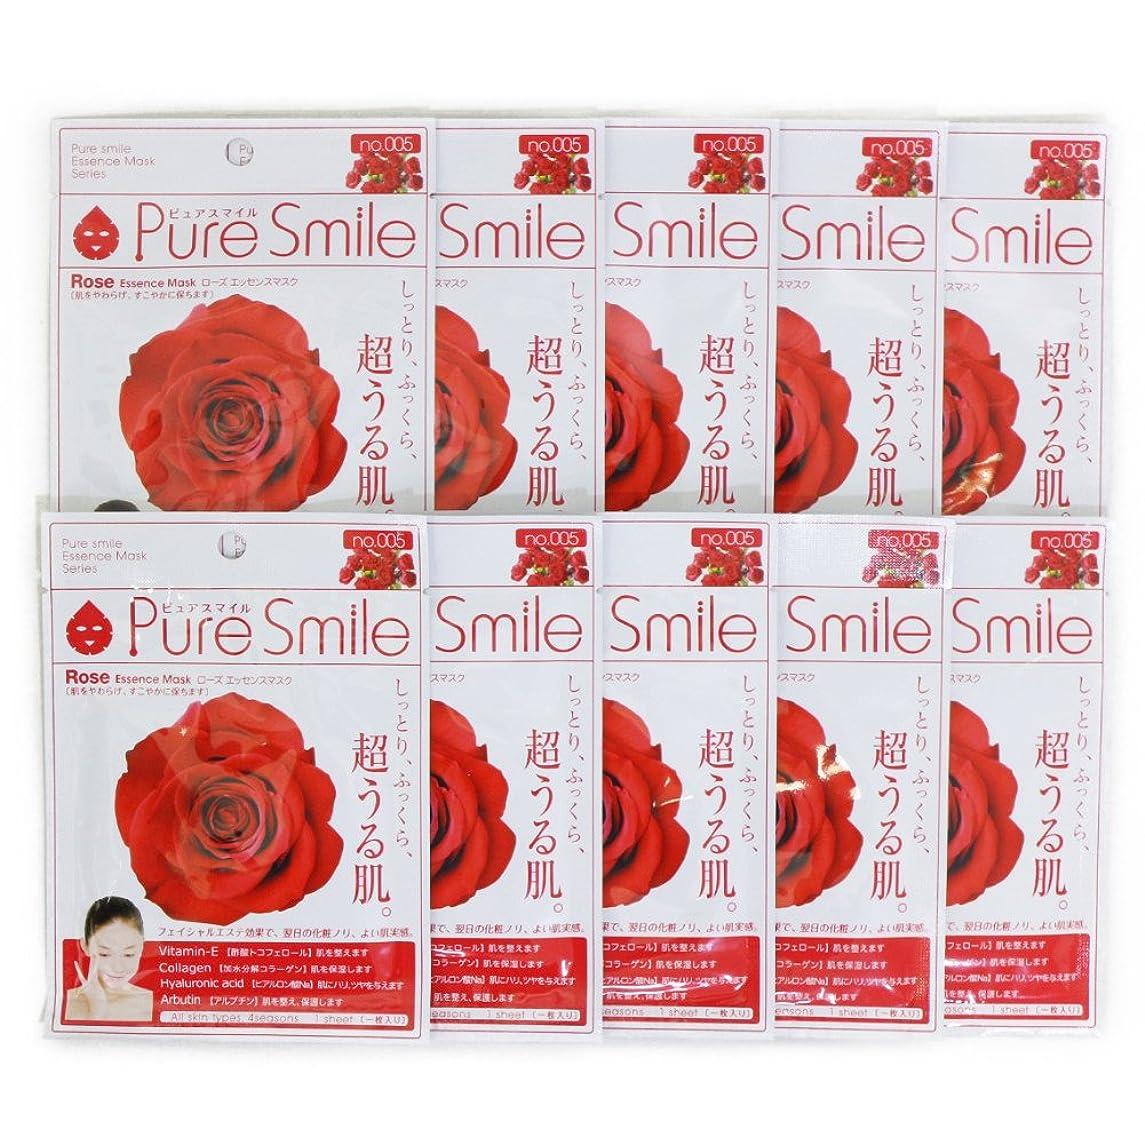 乳細心の脚本家Pure Smile ピュアスマイル エッセンスマスク ローズ 10枚セット